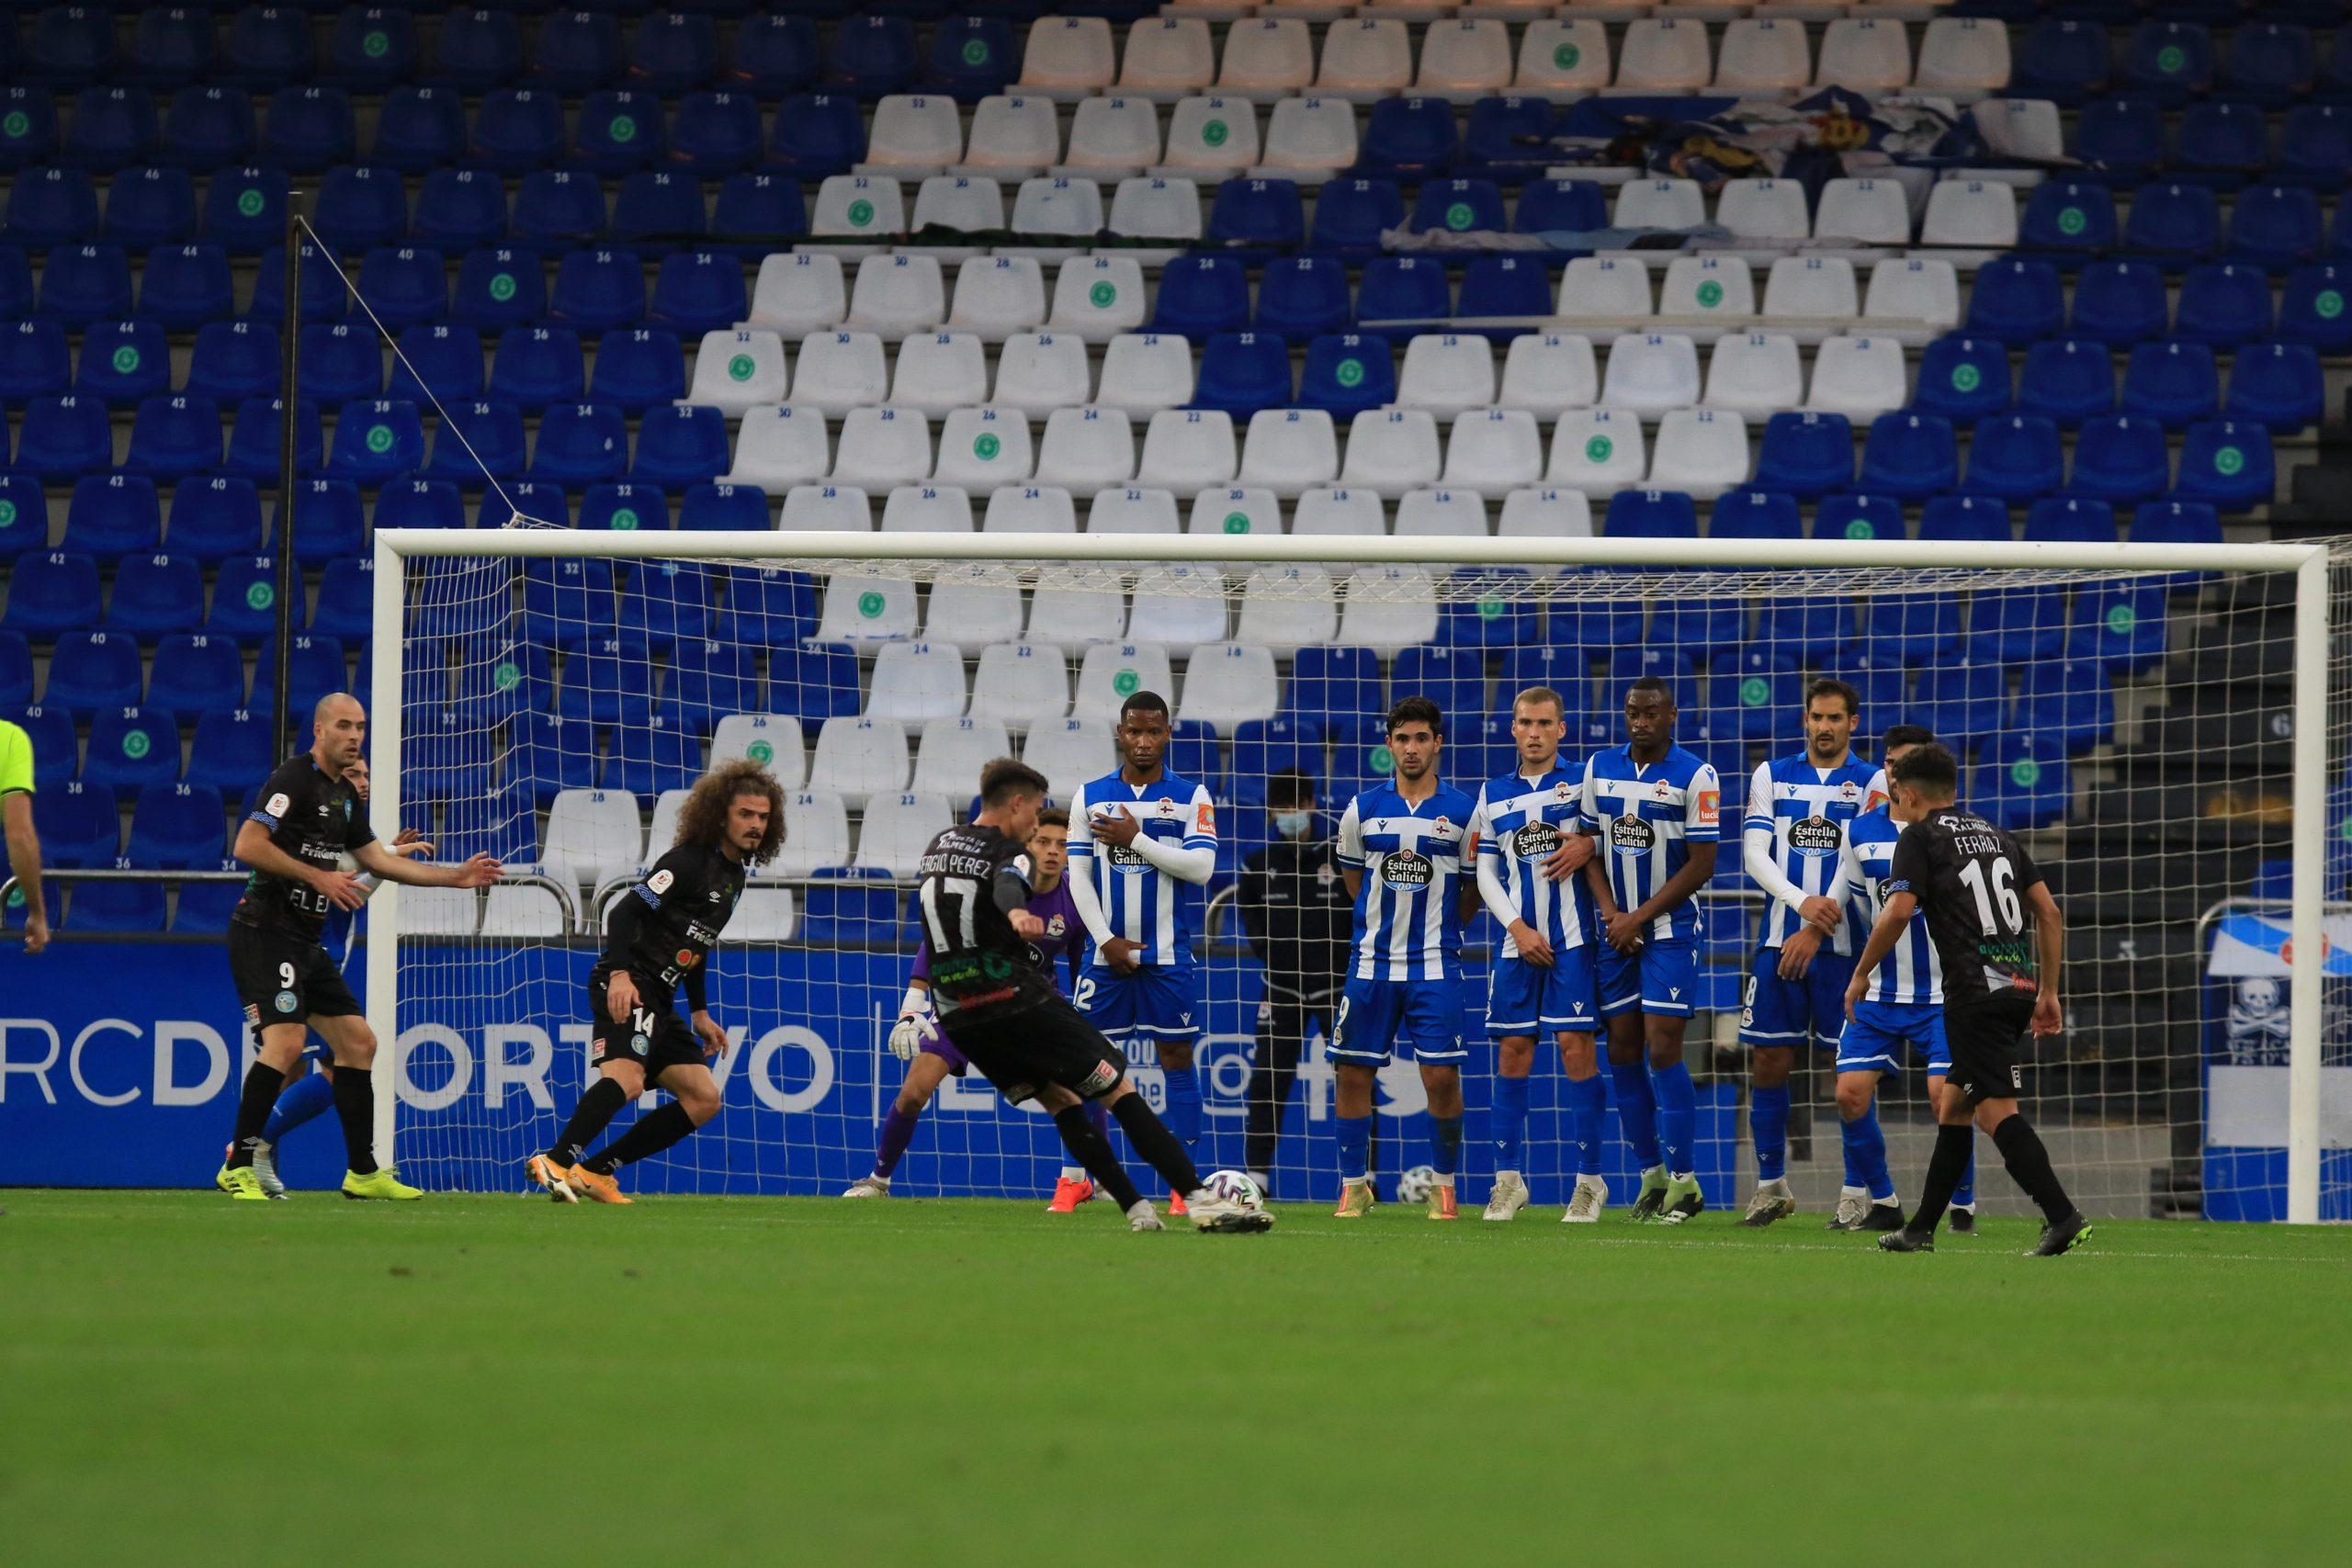 Dos goles legales anulados y un penalti a favor sin pitar privan al CD El Ejido de avanzar en la Copa del Rey